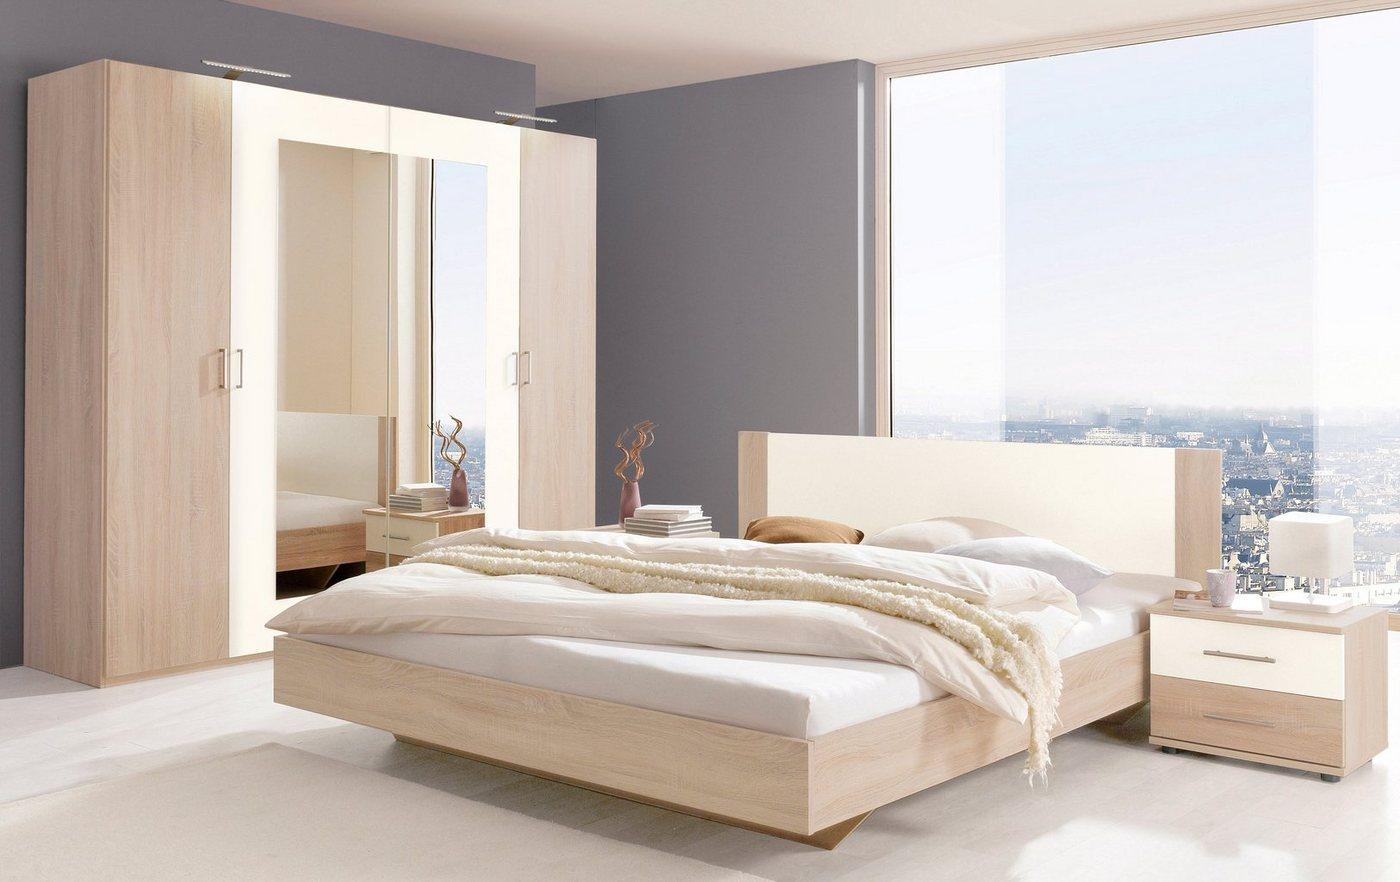 Schlafzimmer Sets - Wimex Schlafzimmer Set  - Onlineshop OTTO